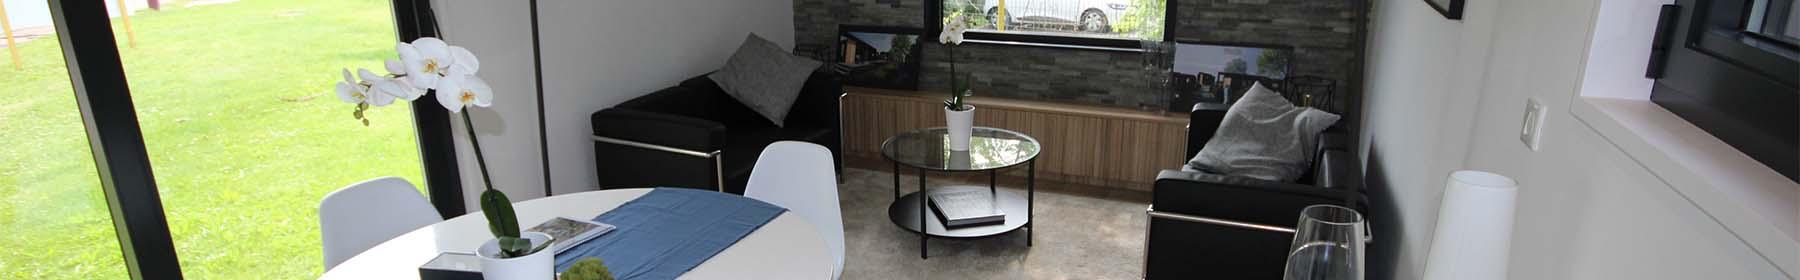 Portes de garage sectionnelle pas cher metz et moselle 57 en lorraine - Porte de garage pas chere ...